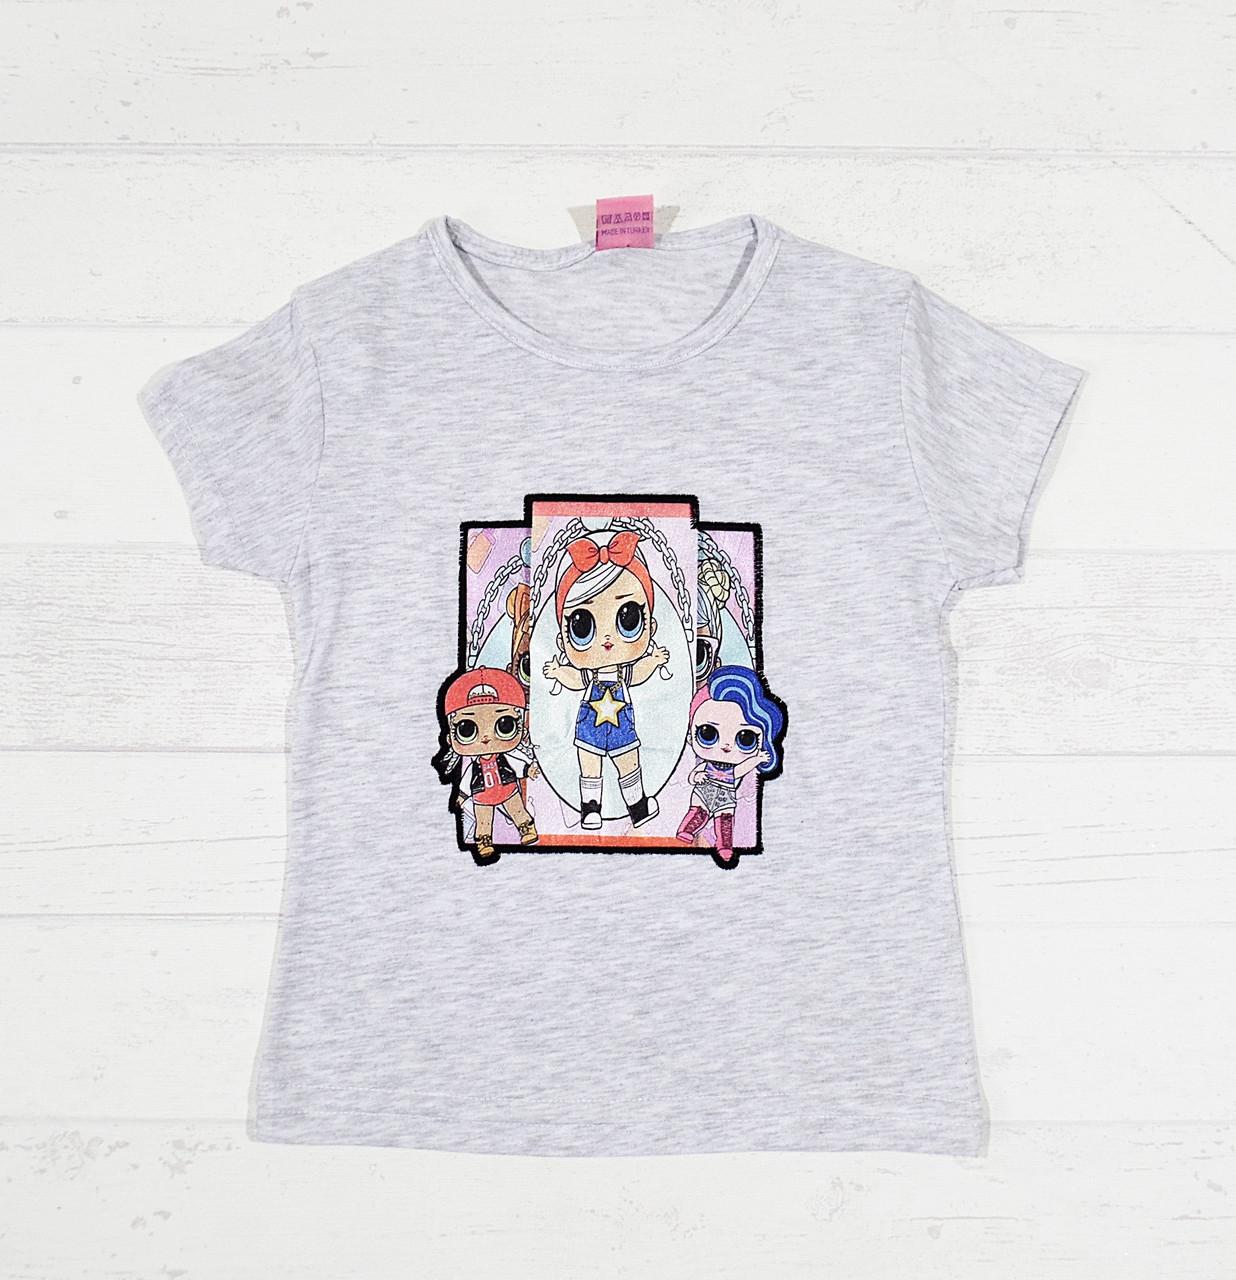 Детская футболка для девочек с куколками Лол 3,4,5,6,7 лет серая